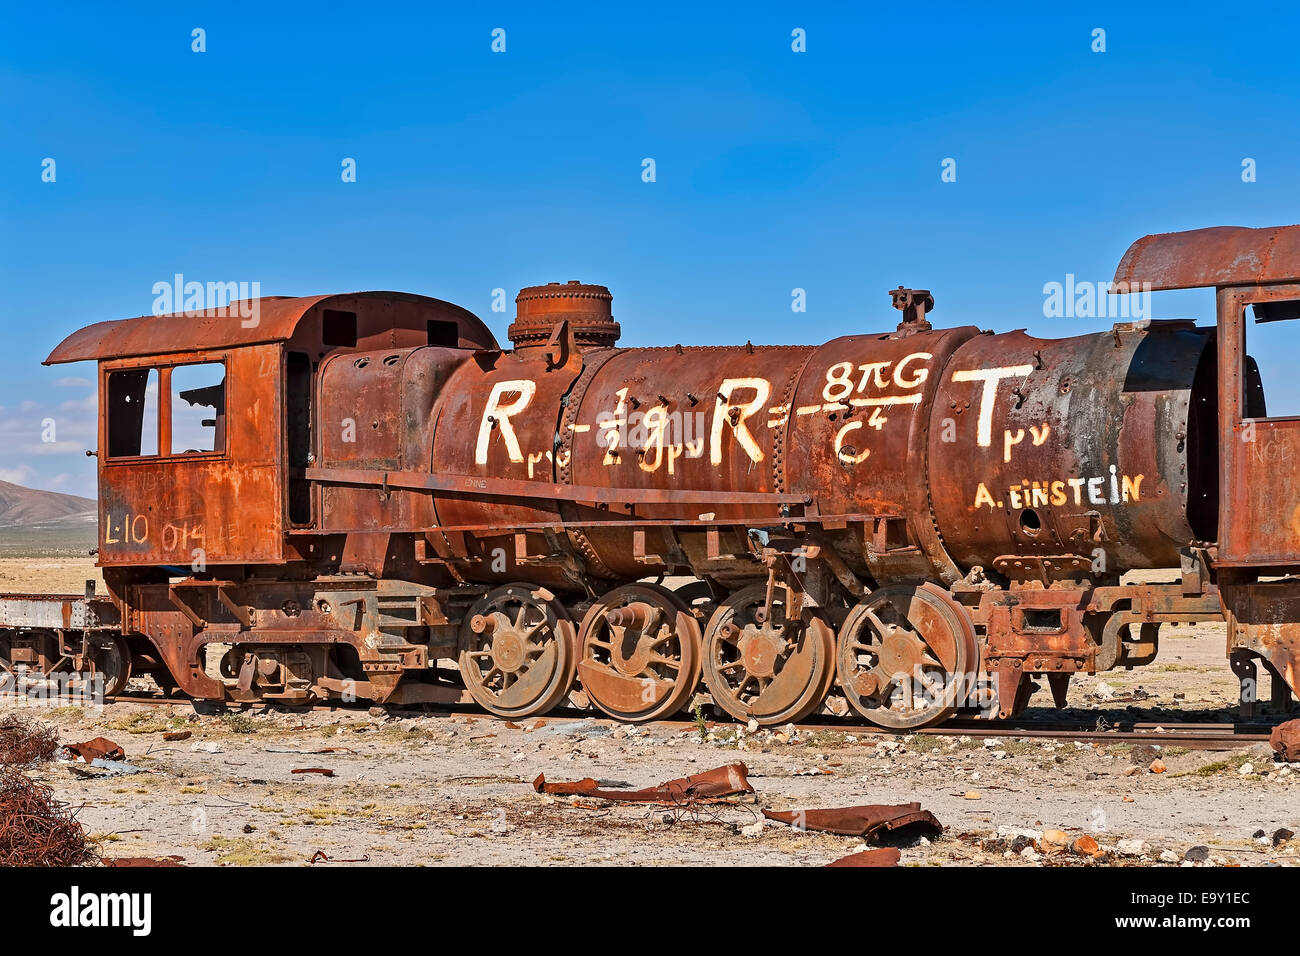 Tren antiguo cementerio de trenes en el Cementerio de los trenes, Uyuni, Bolivia Foto de stock